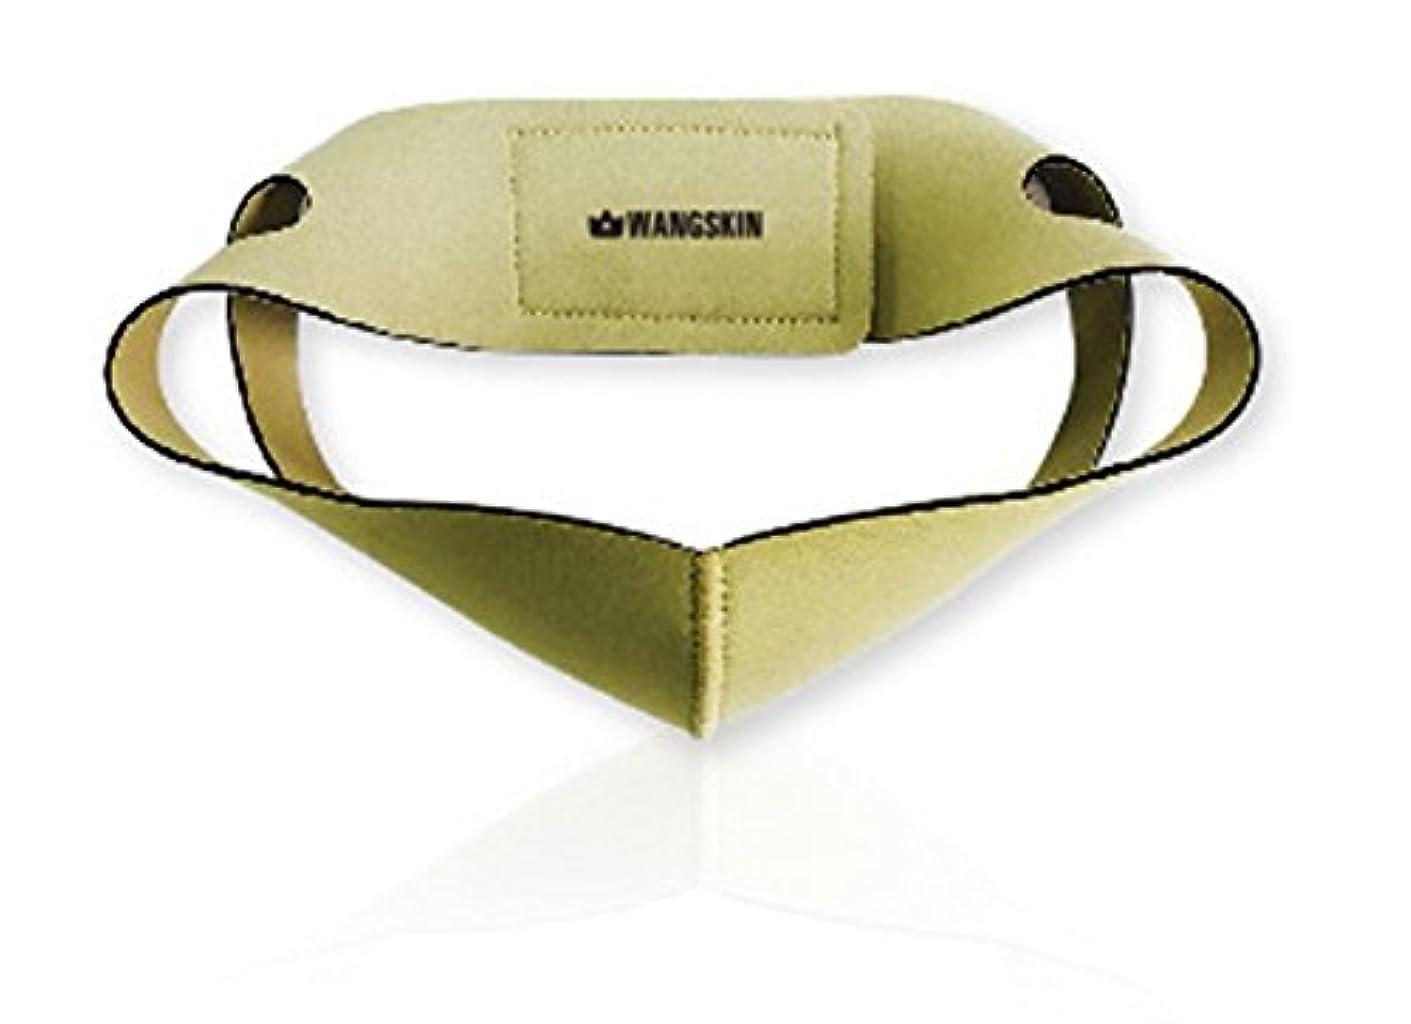 驚き詩人スカリーWANSKIN Face V-line リフティングバンド バイオネオプレンシ ワ改善 弾力 ISO9001認証 海外直送品 (Face V-line Lifting Band Bio NeoFran Wrinkle Elasticity...